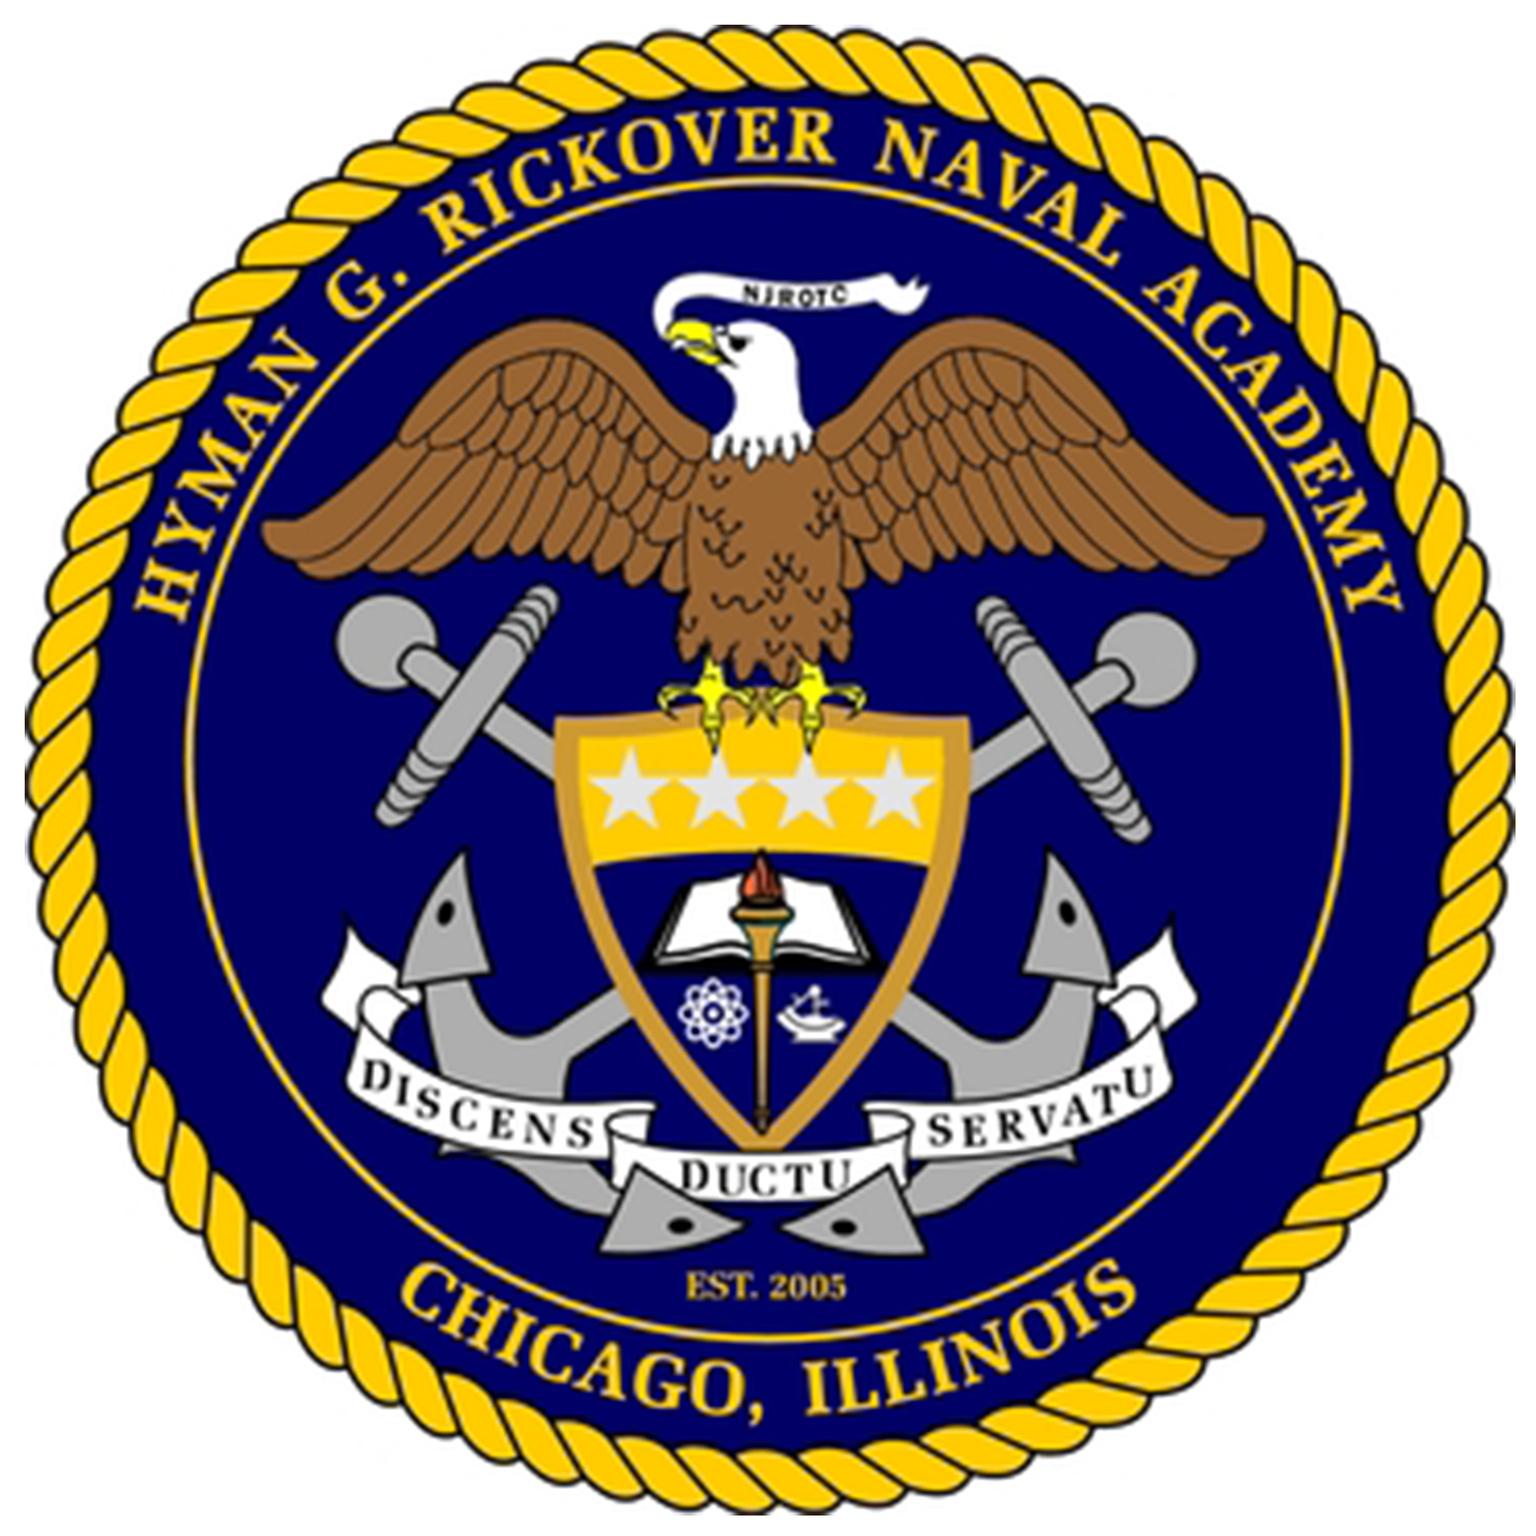 Rickover Naval